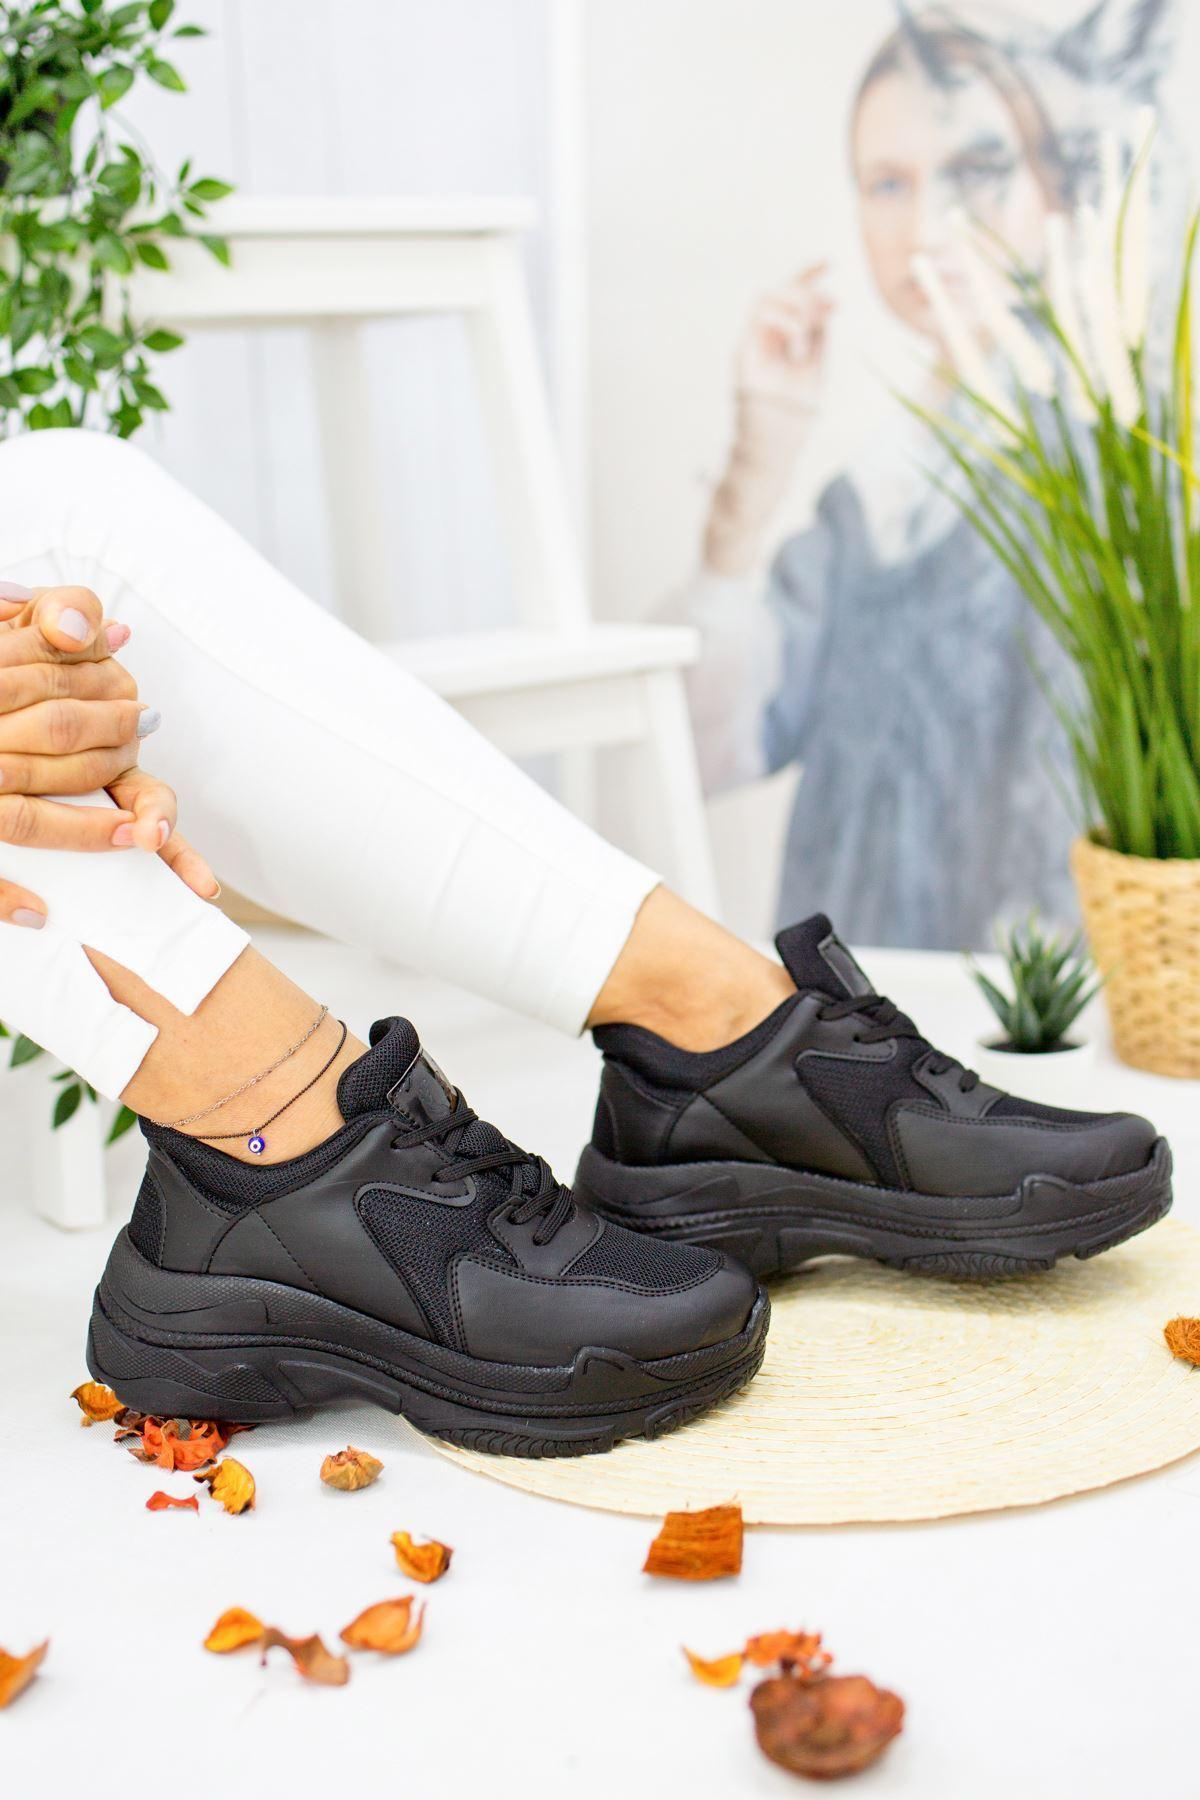 Loic Siyah Kadın Spor Ayakkabı